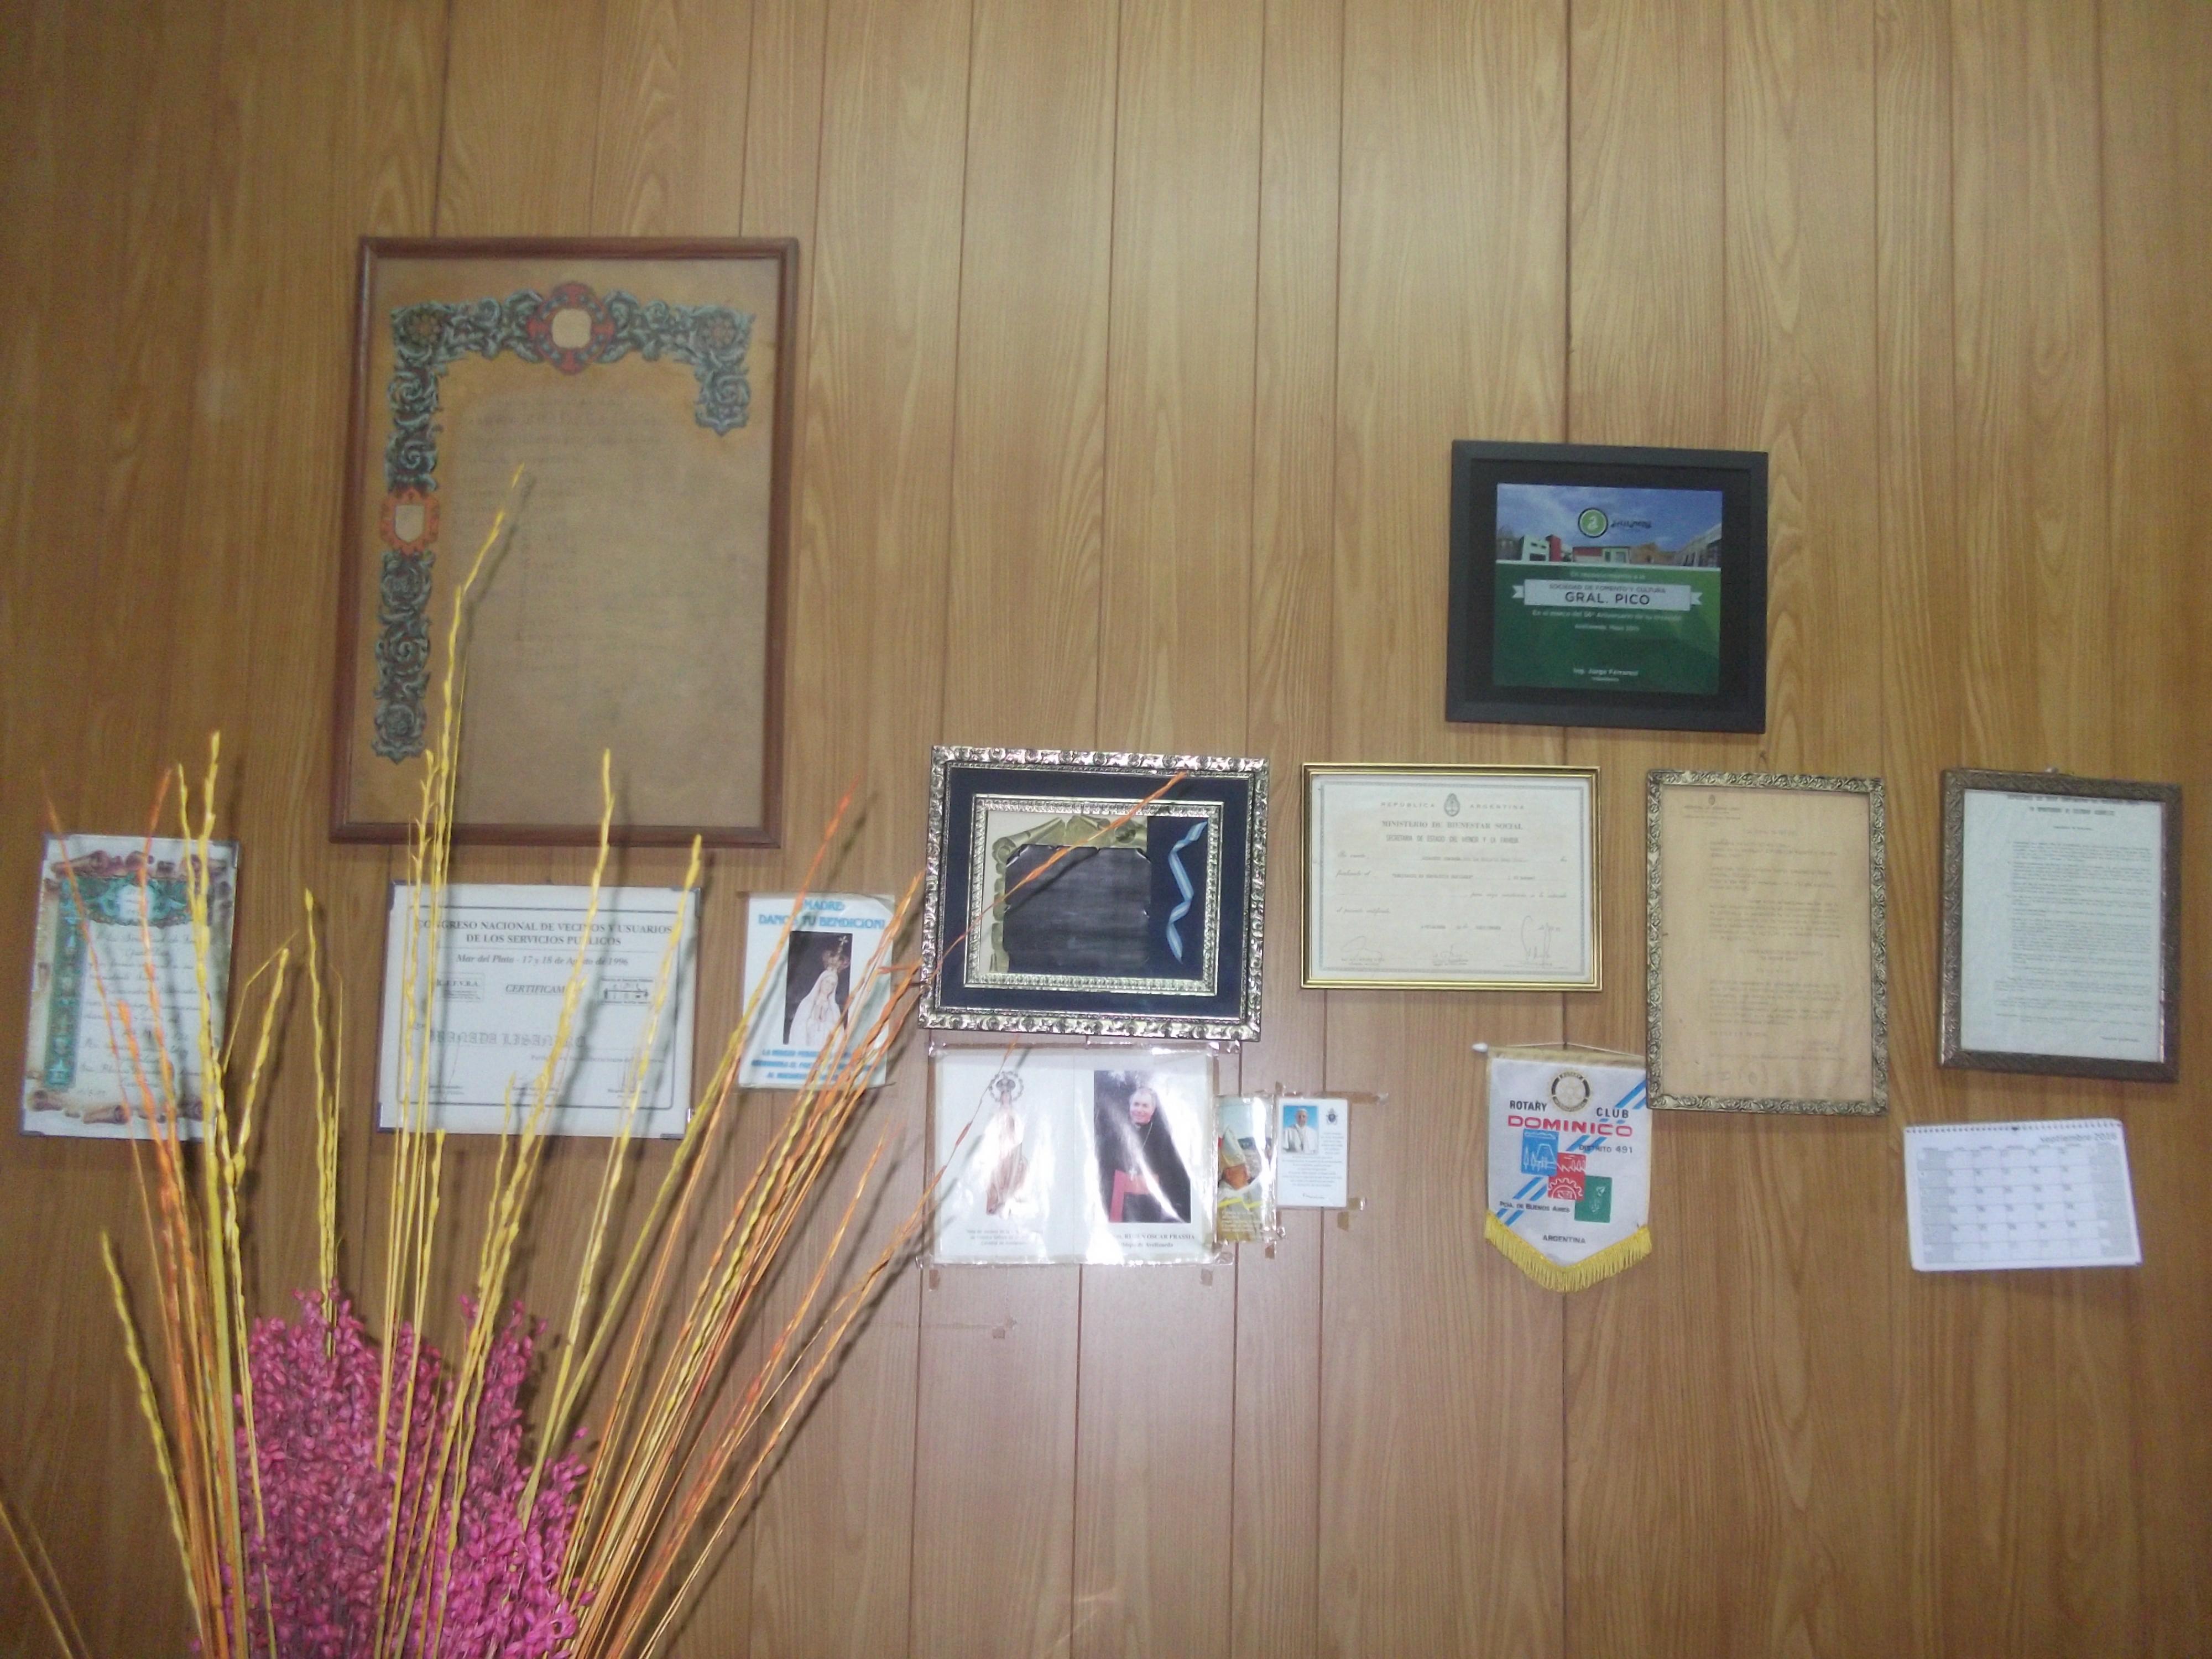 Oficina de recepción  - Sociedad de Fomento Gral. Pico